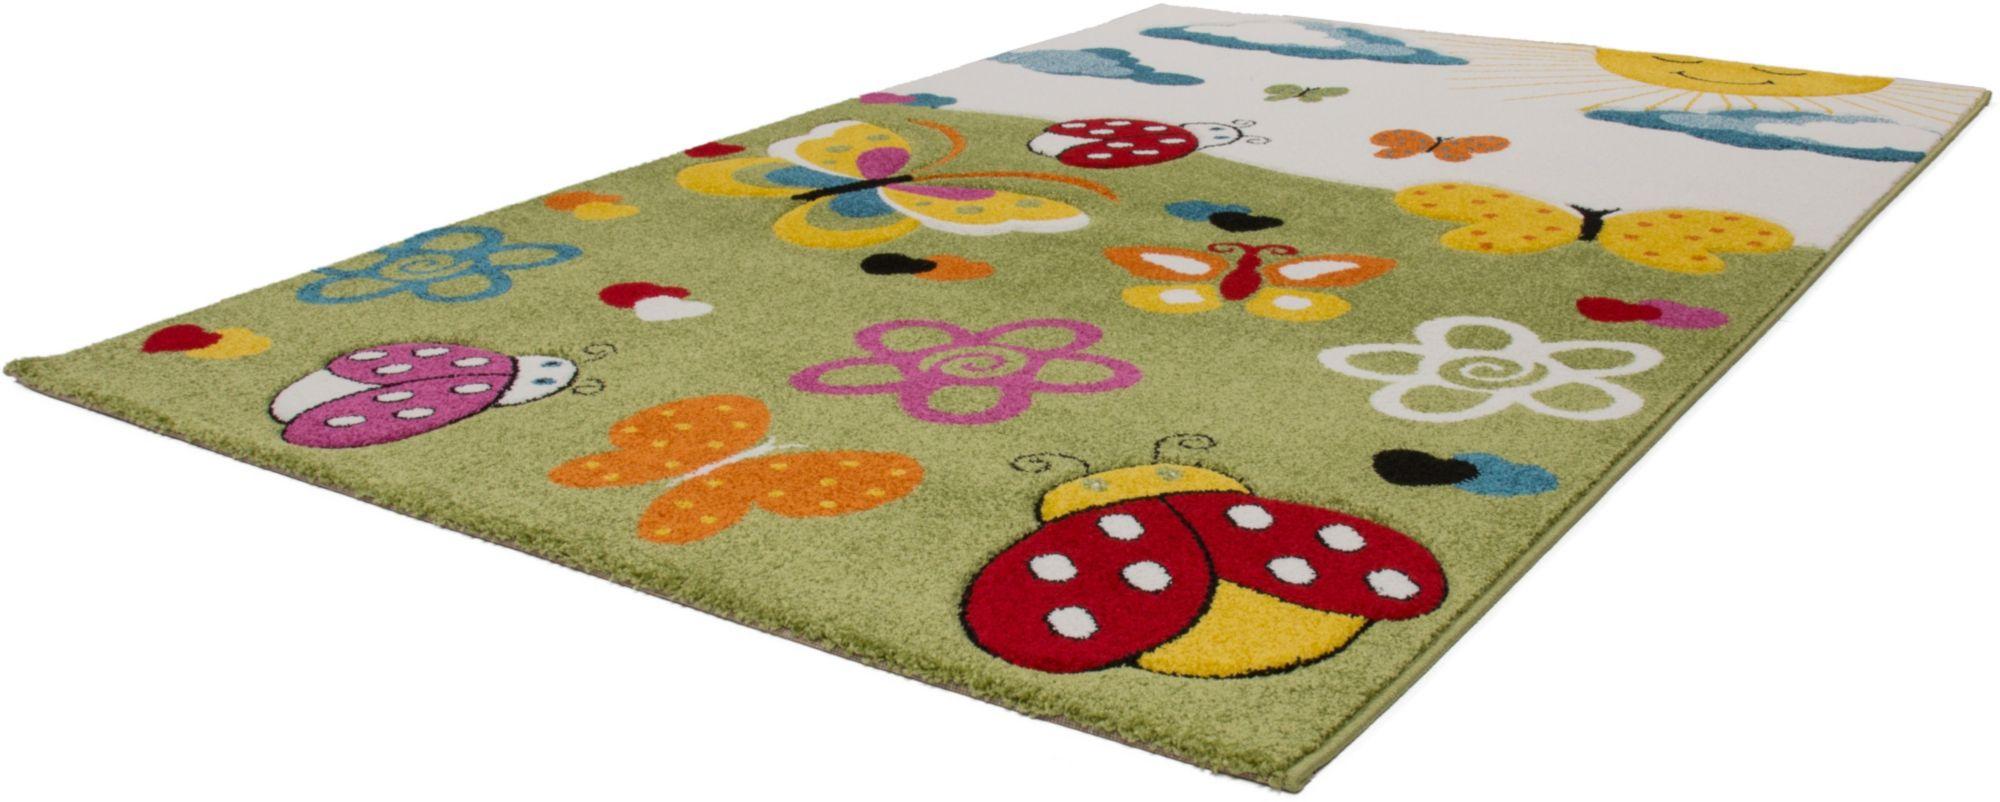 Kinderteppich, »Amigo 314«, Lalee, rechteckig, Höhe 15 mm, maschinell gewebt